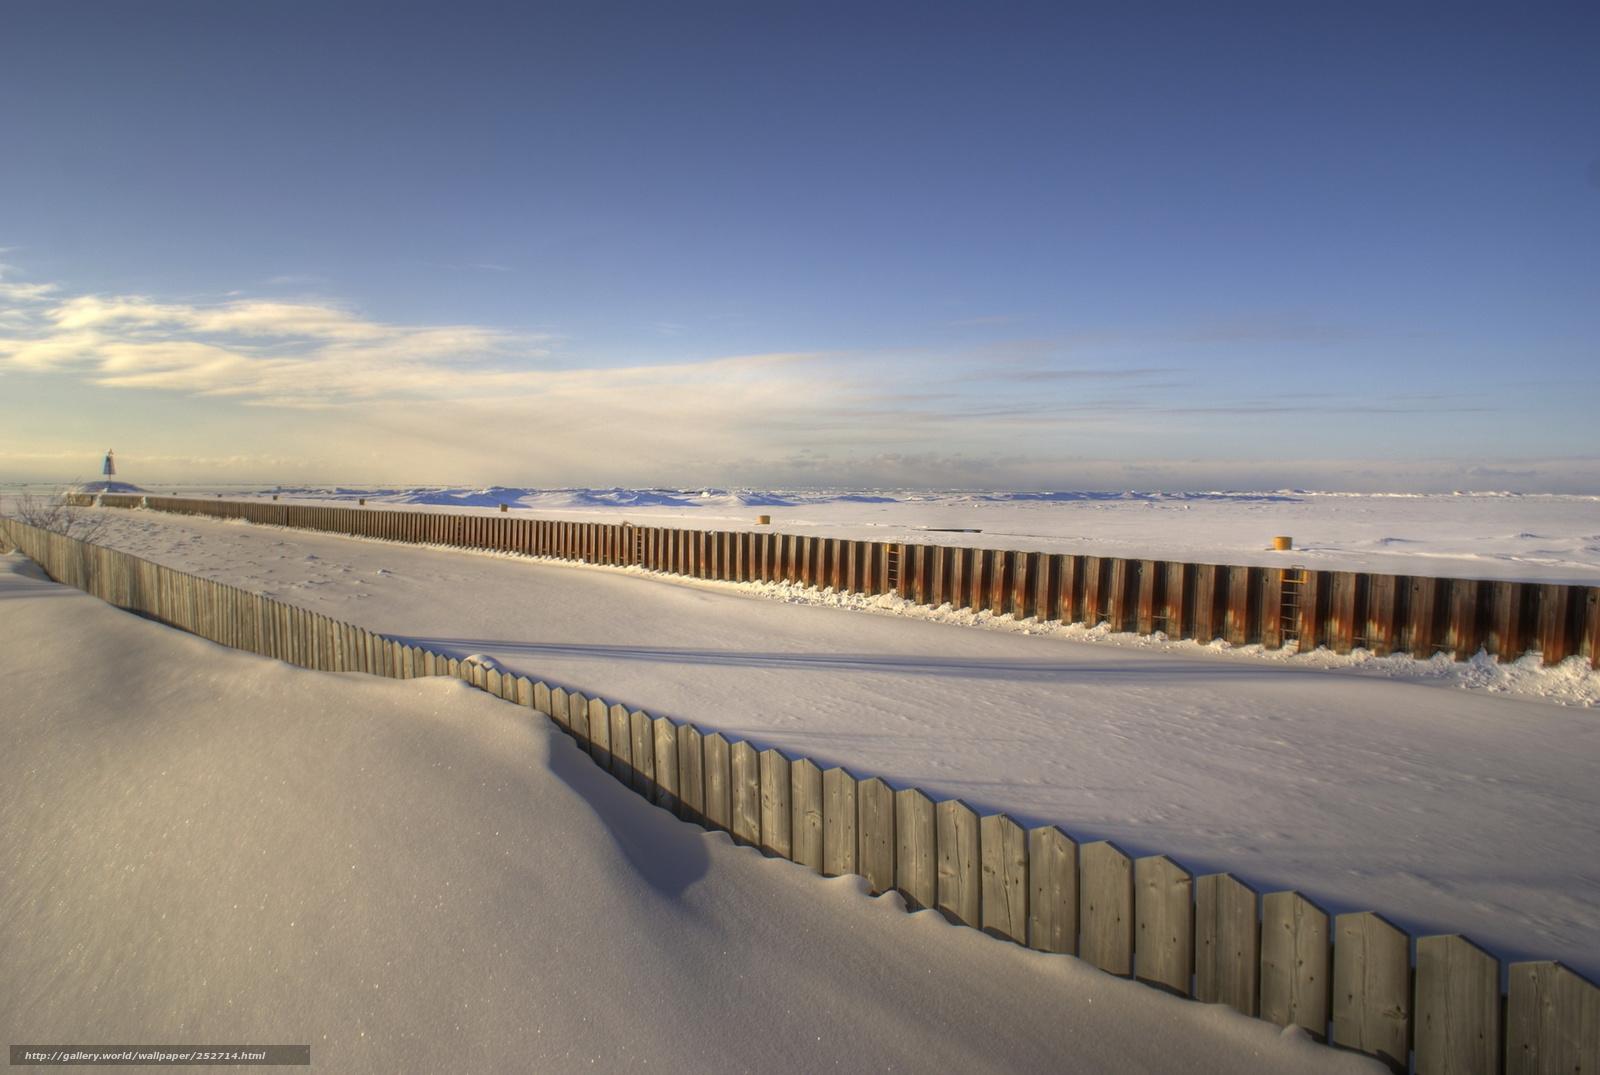 Скачать обои пляж,   снег,   заборы бесплатно для рабочего стола в разрешении 1920x1290 — картинка №252714